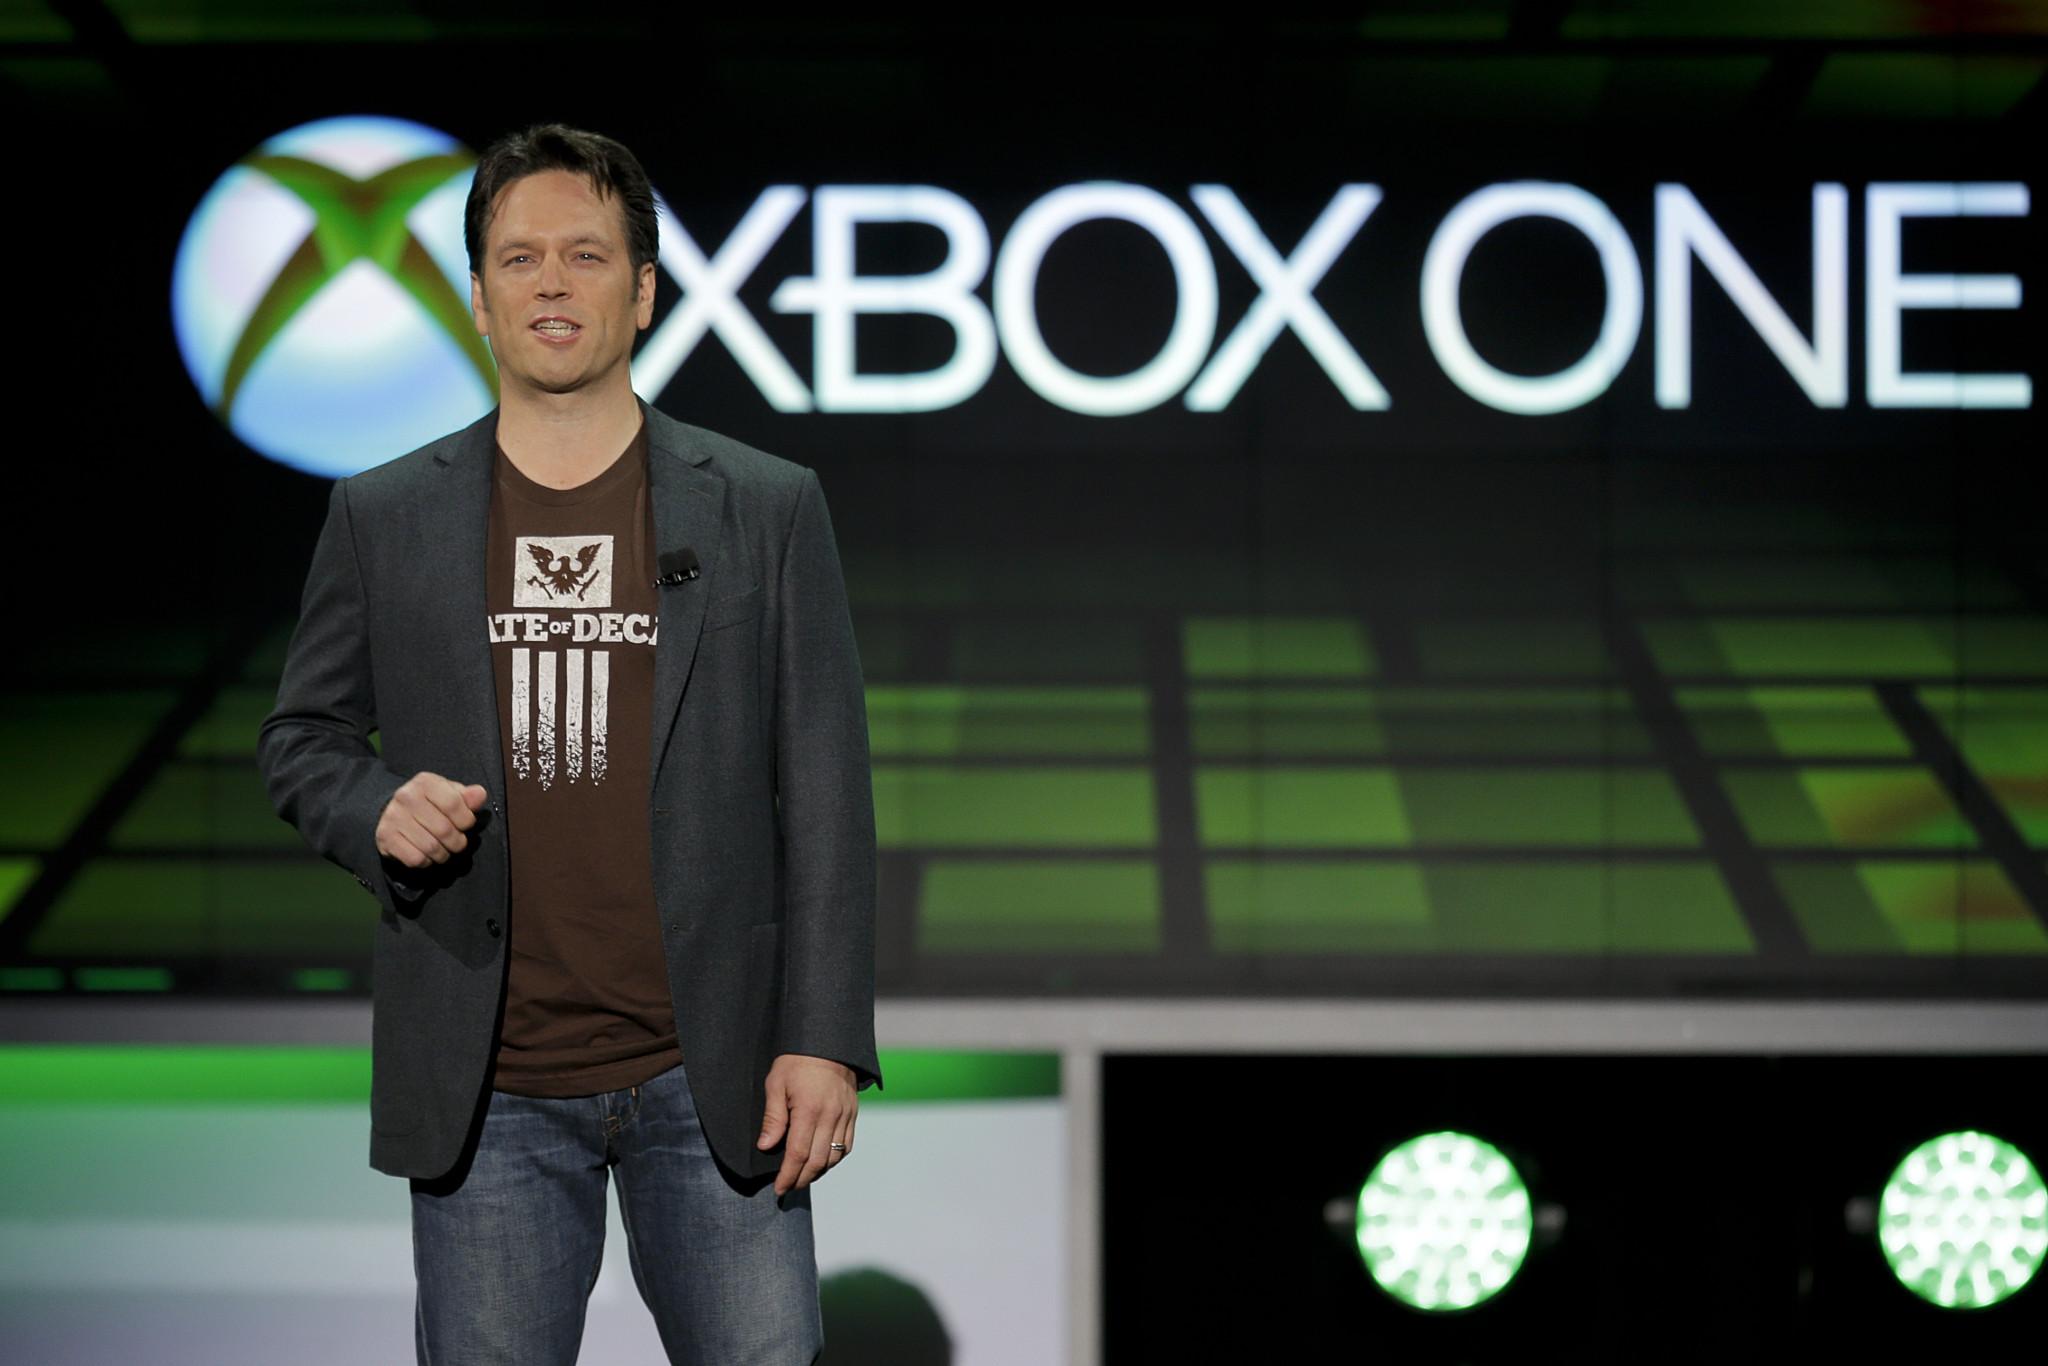 فيل سبنسر فريق Xbox سيقدم أشياء لم يقدمها من قبل بمعرض E3